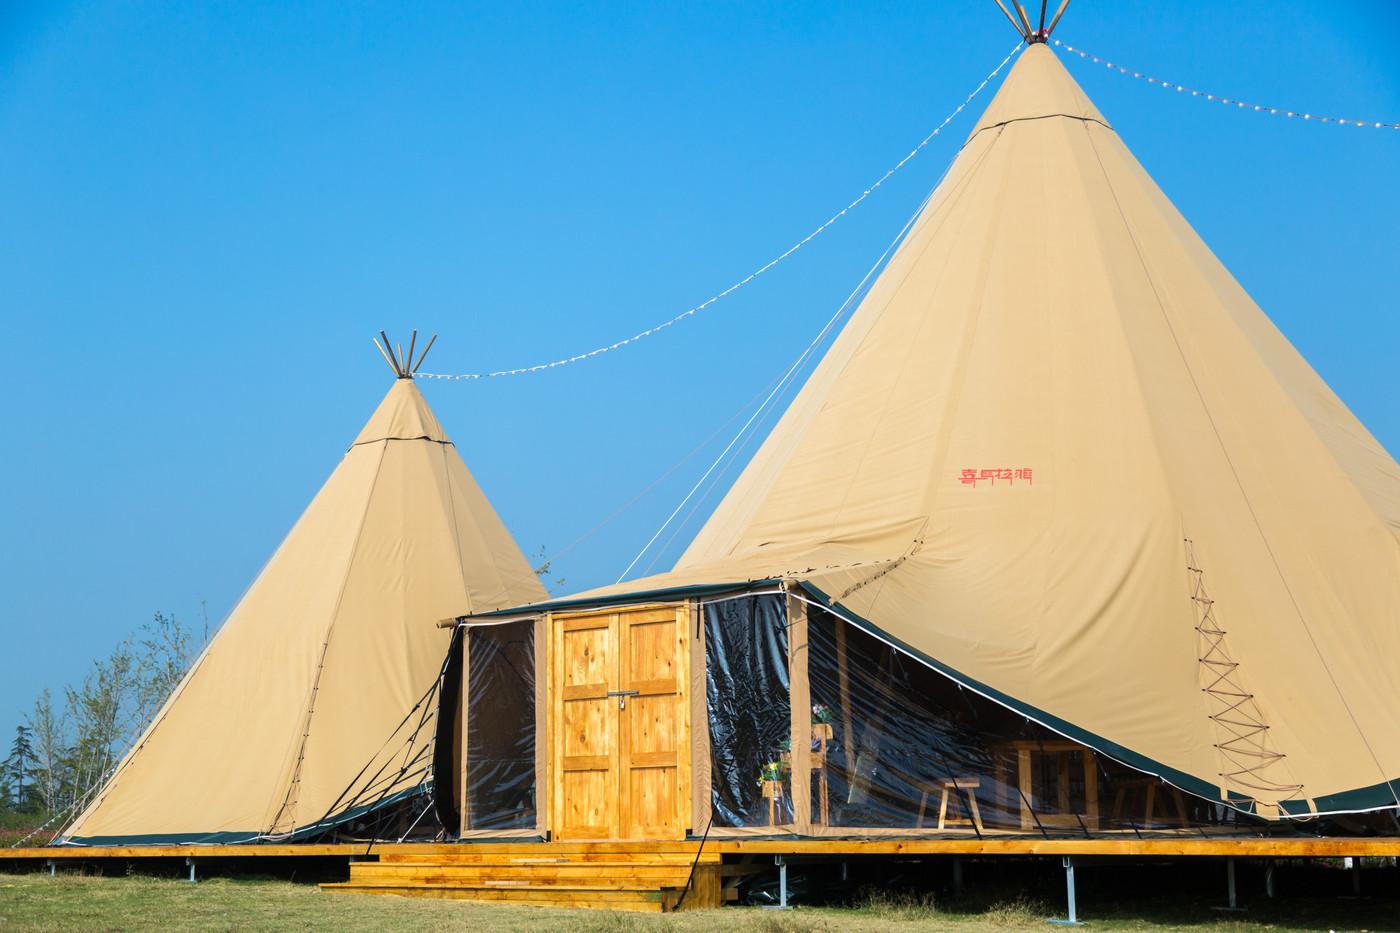 喜马拉雅印第安多功能大厅帐篷酒店4